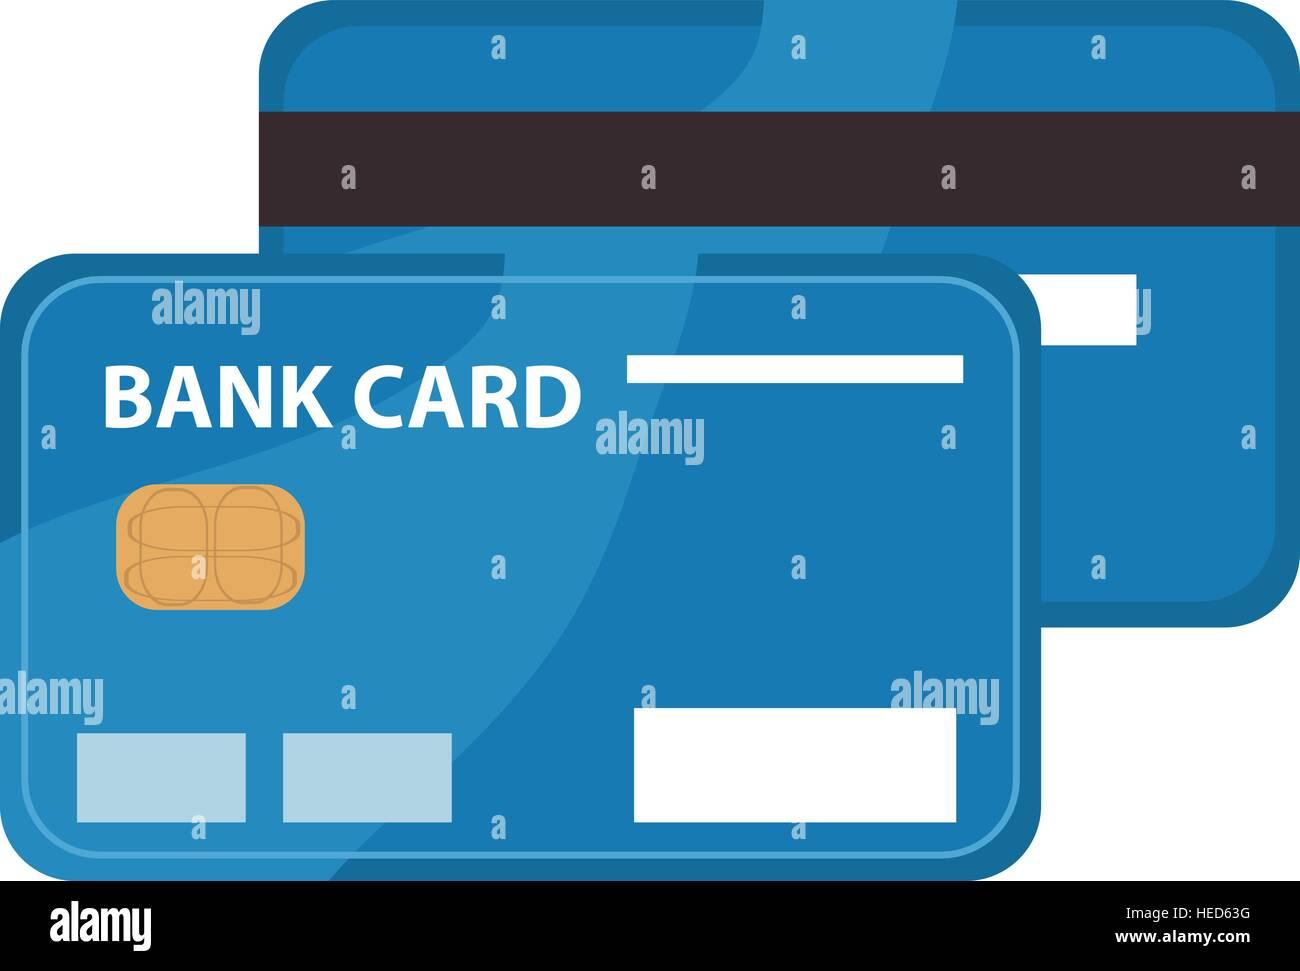 L'icona Carta di credito, design piatto. Carta bancaria isolati su sfondo bianco. Illustrazione Vettoriale, Immagini Stock